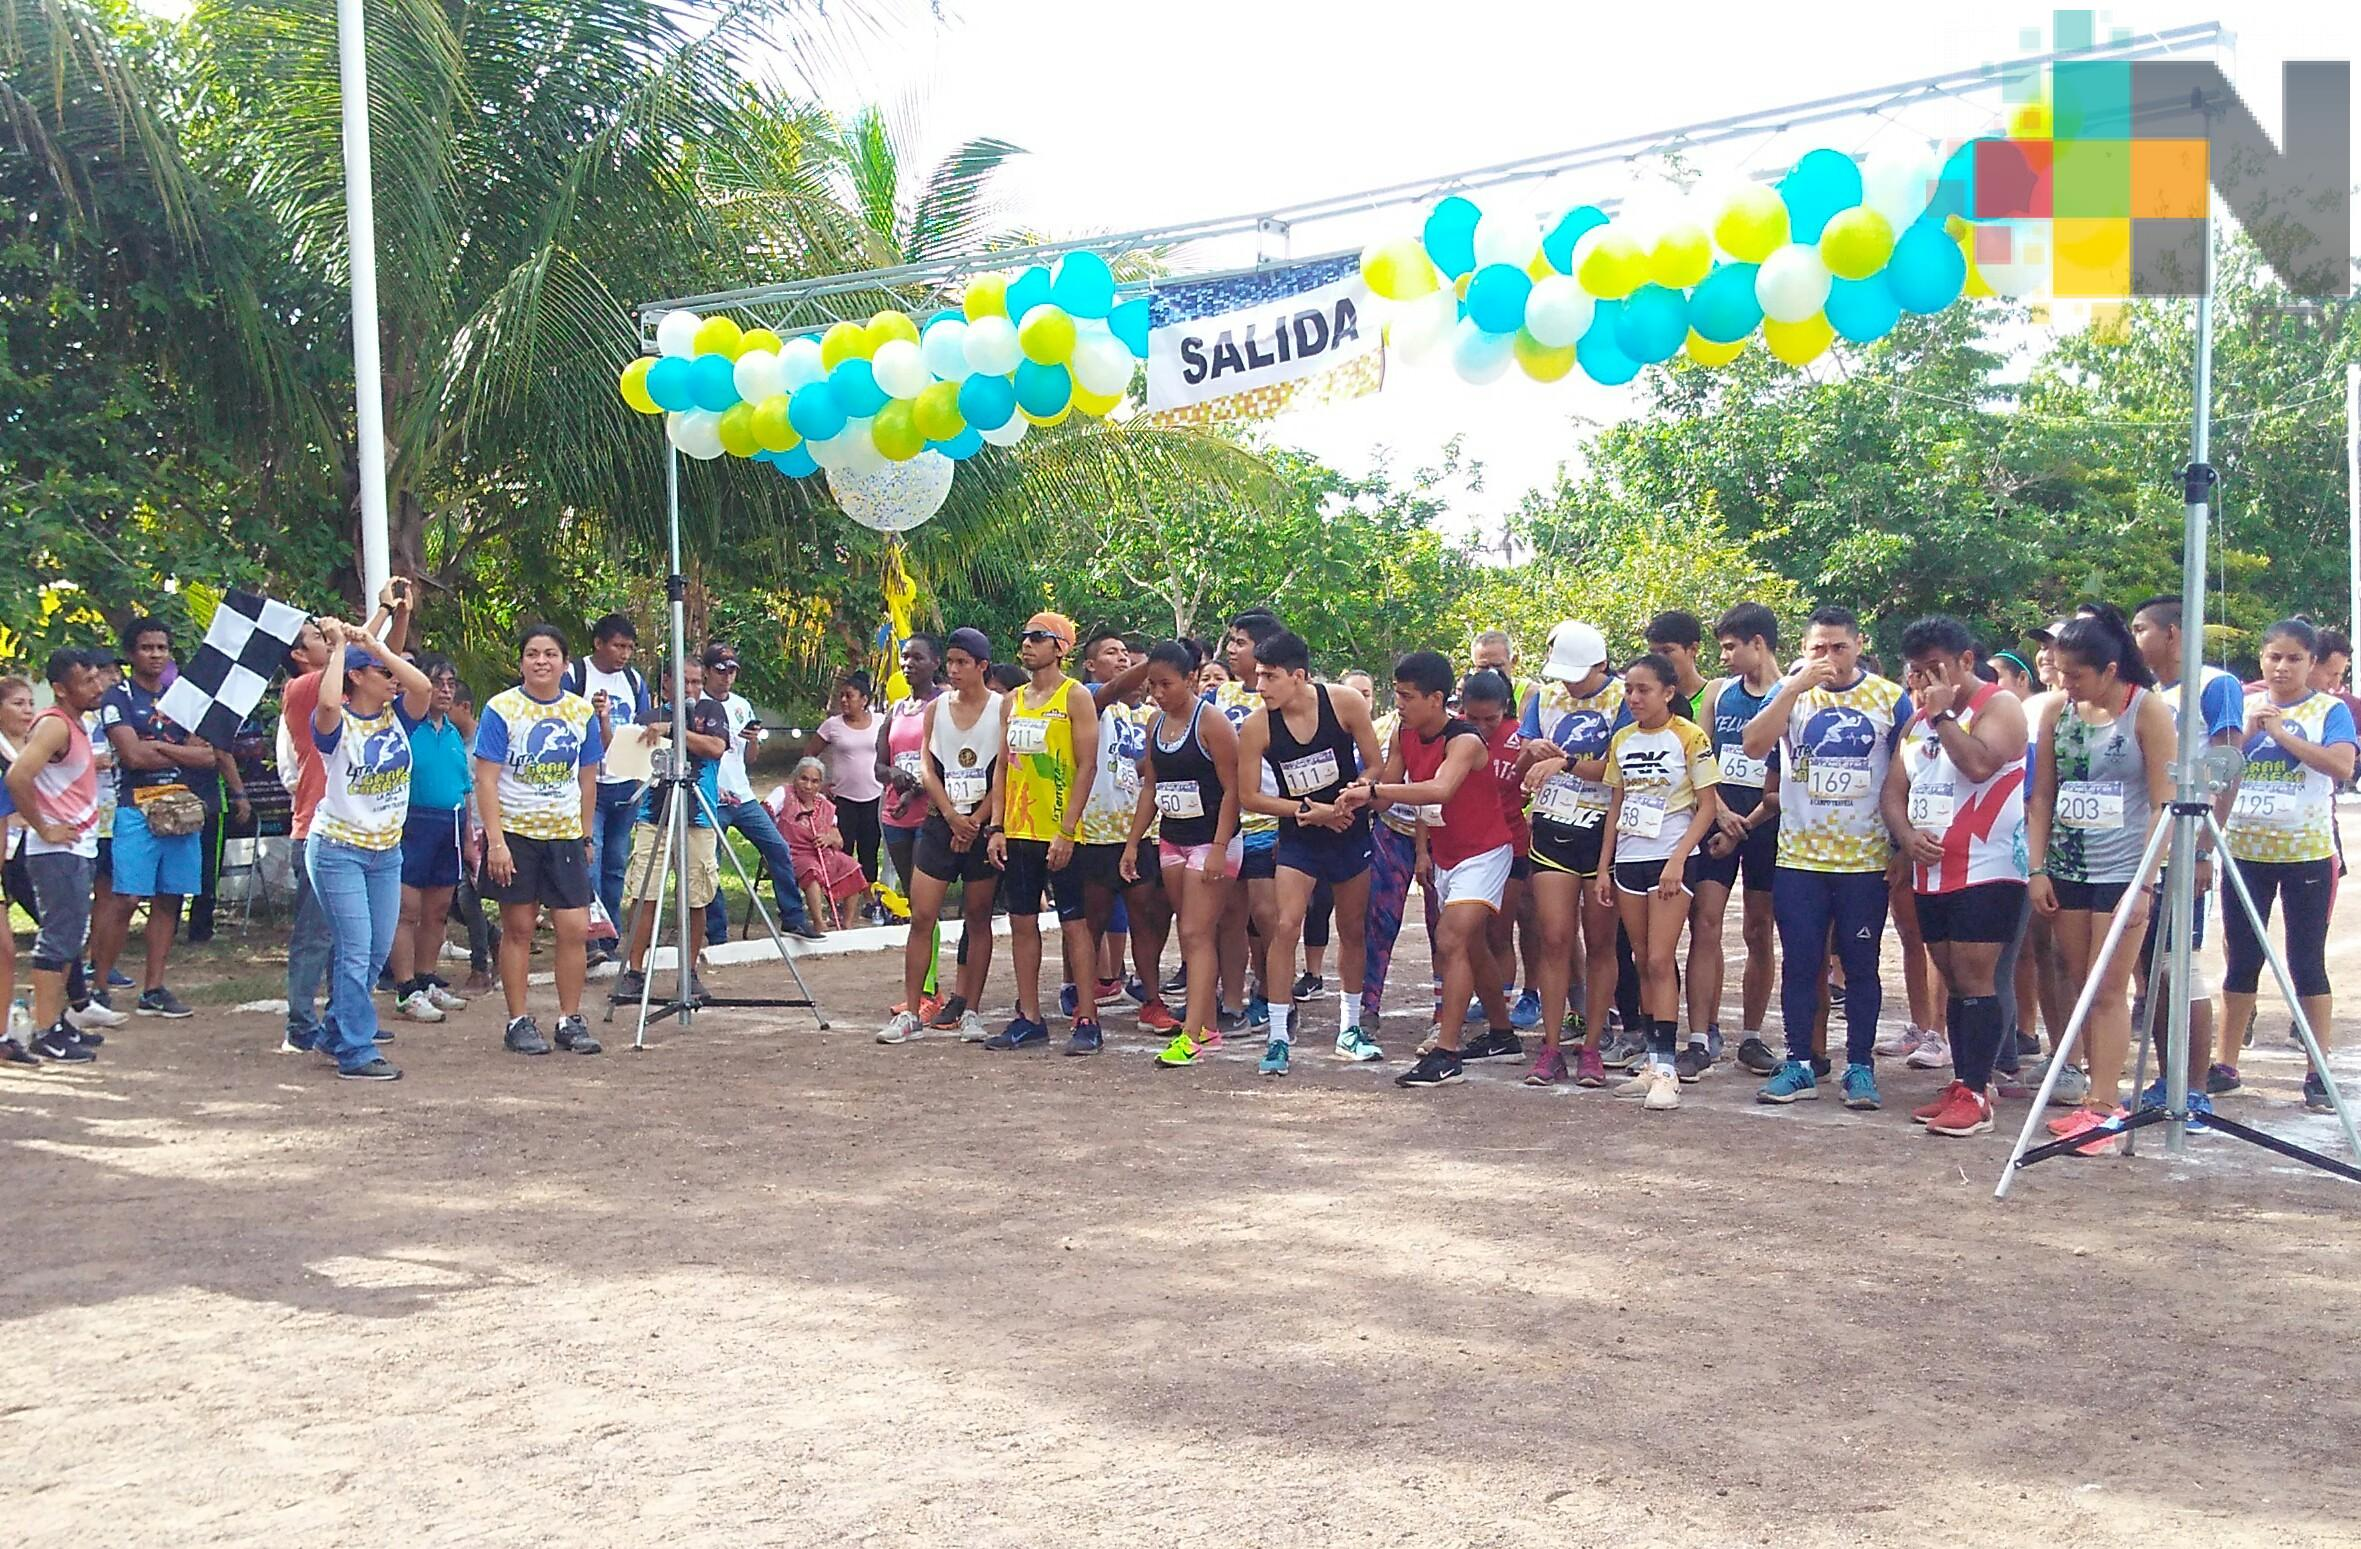 Realizaron la carrera La Milla, en Minatitlán